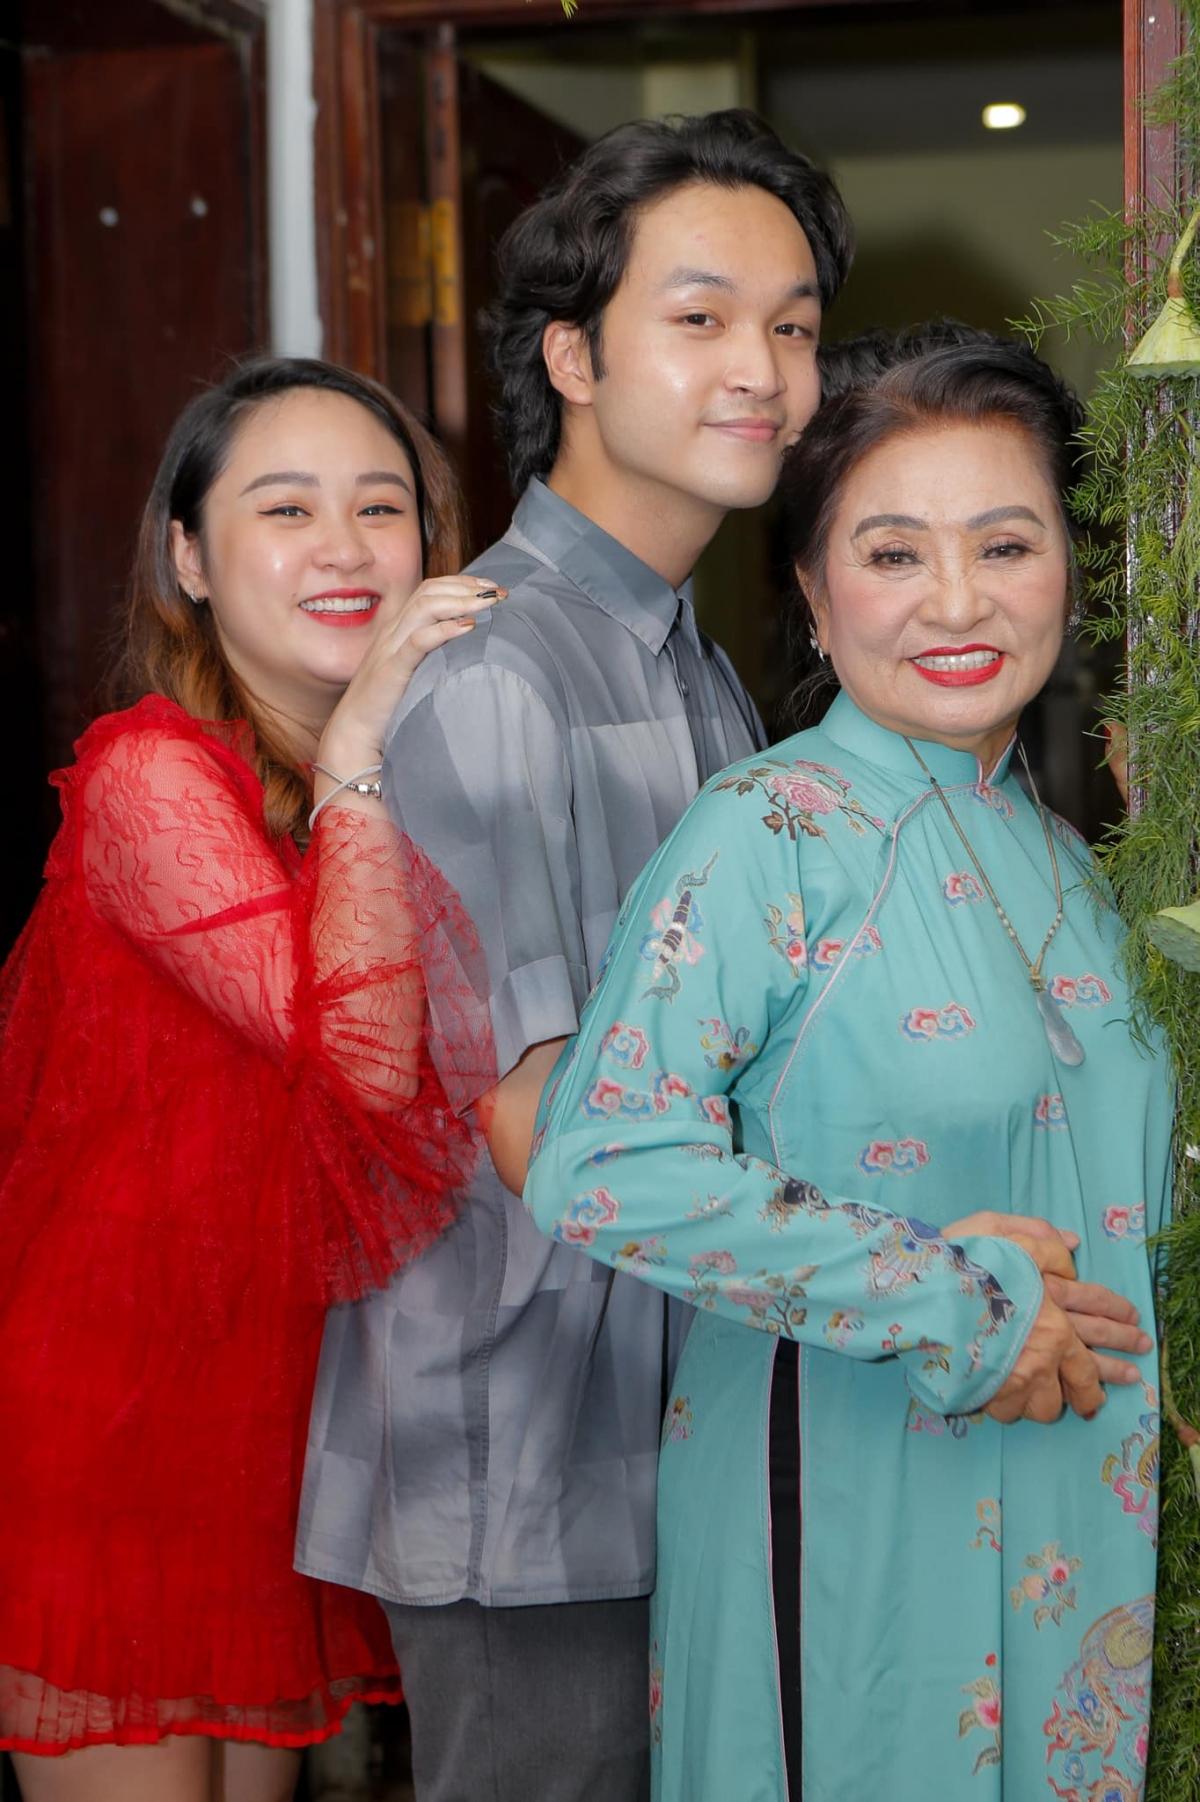 Mẹ ruột, con gái Thiện Thanh và con trai Đăng Quang cũng có mặt để chúc phúc cho nữ ca sĩ.